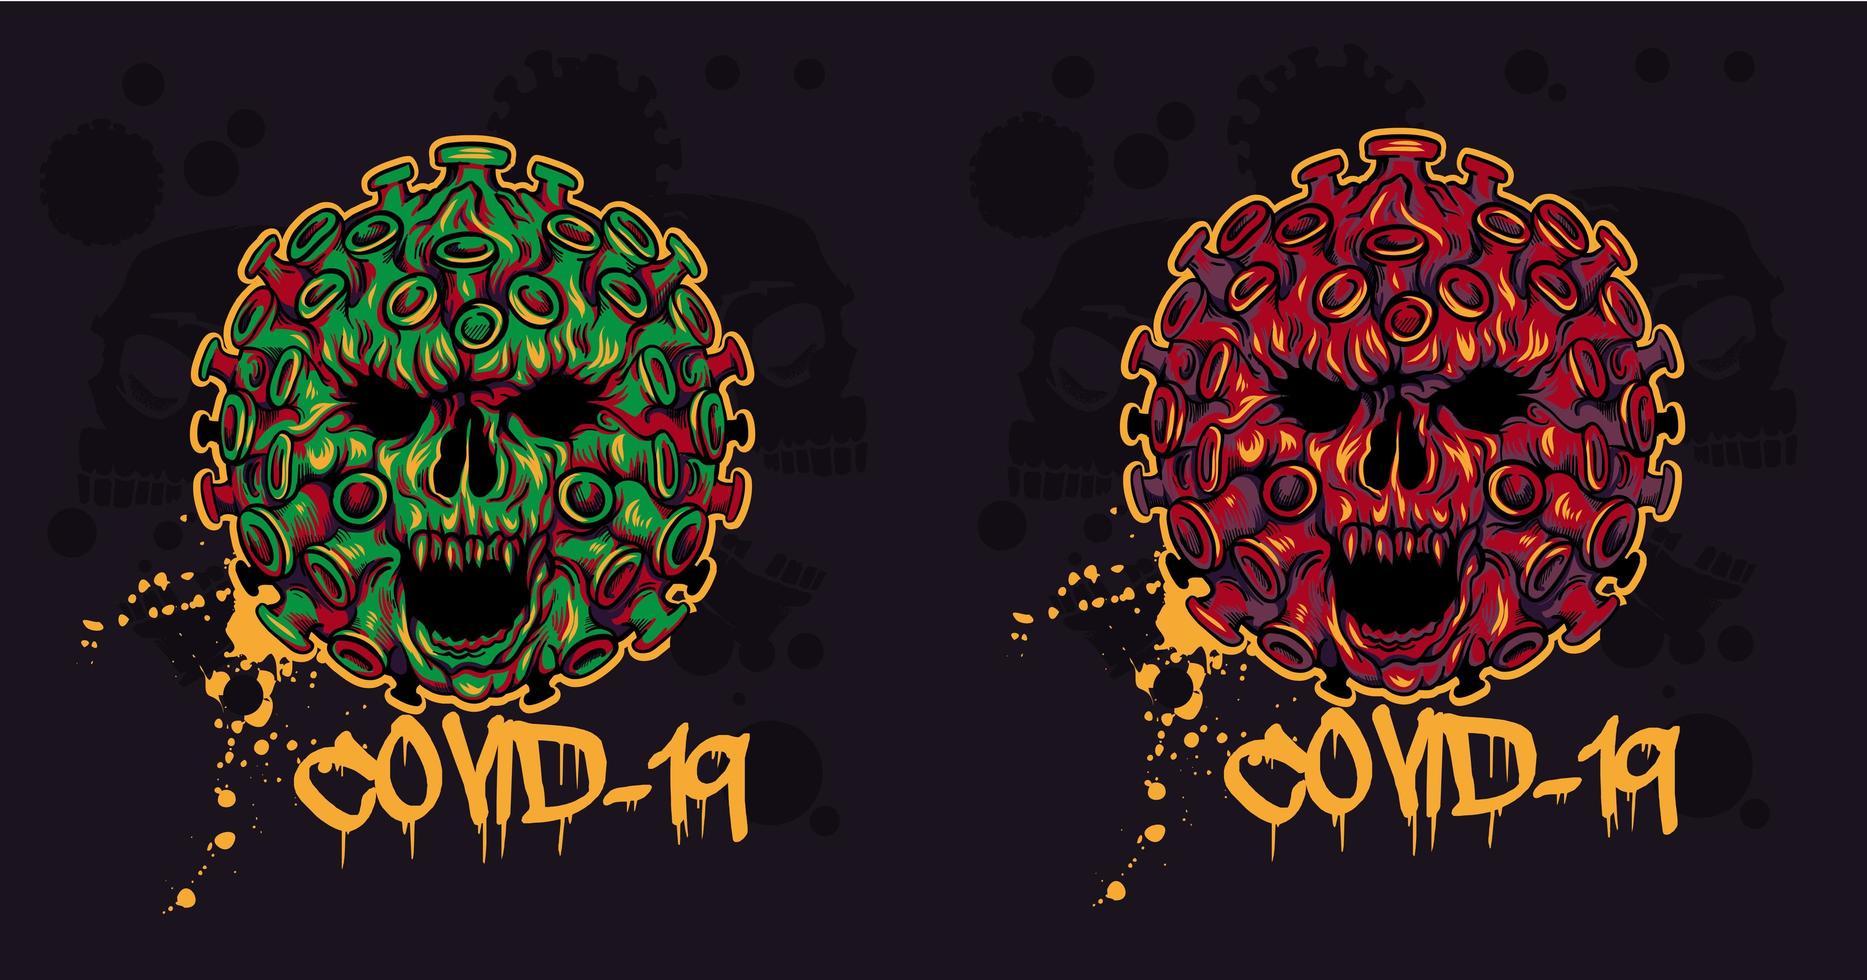 böse Coronavirus-Schädel für T-Shirts vektor